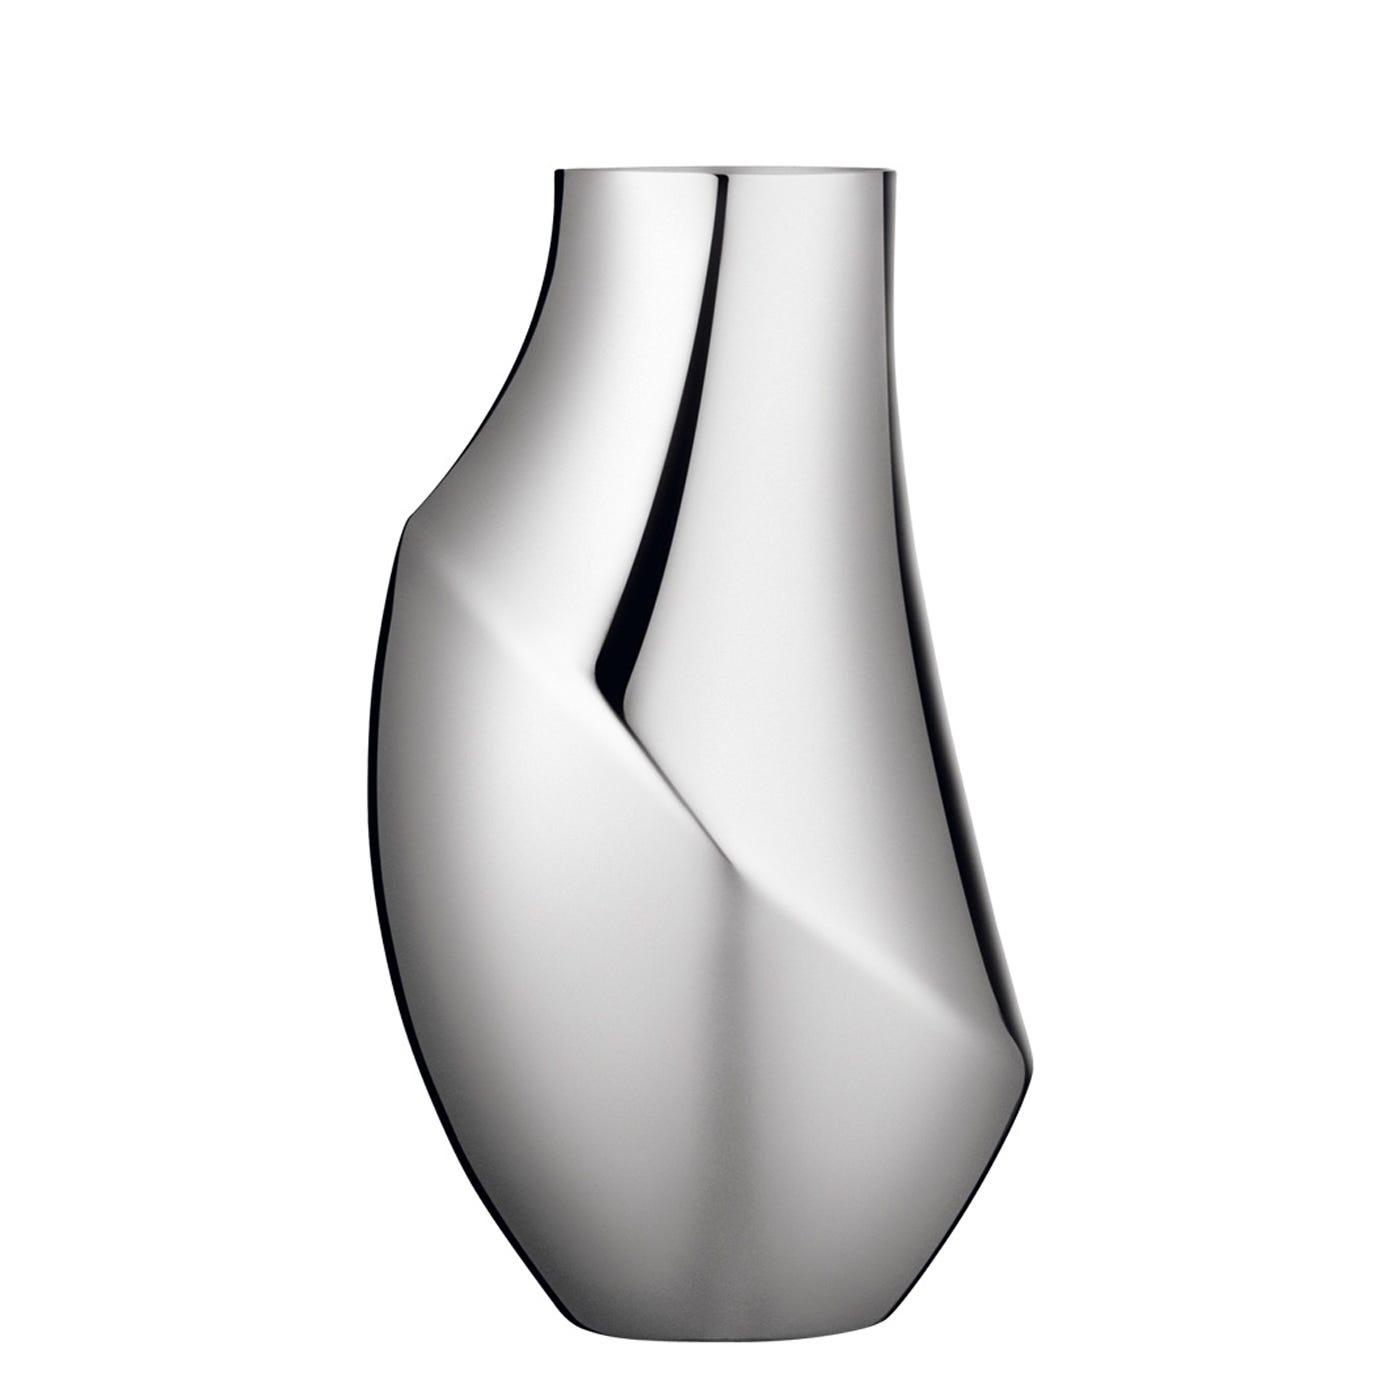 Flora Stainles Steel Vase